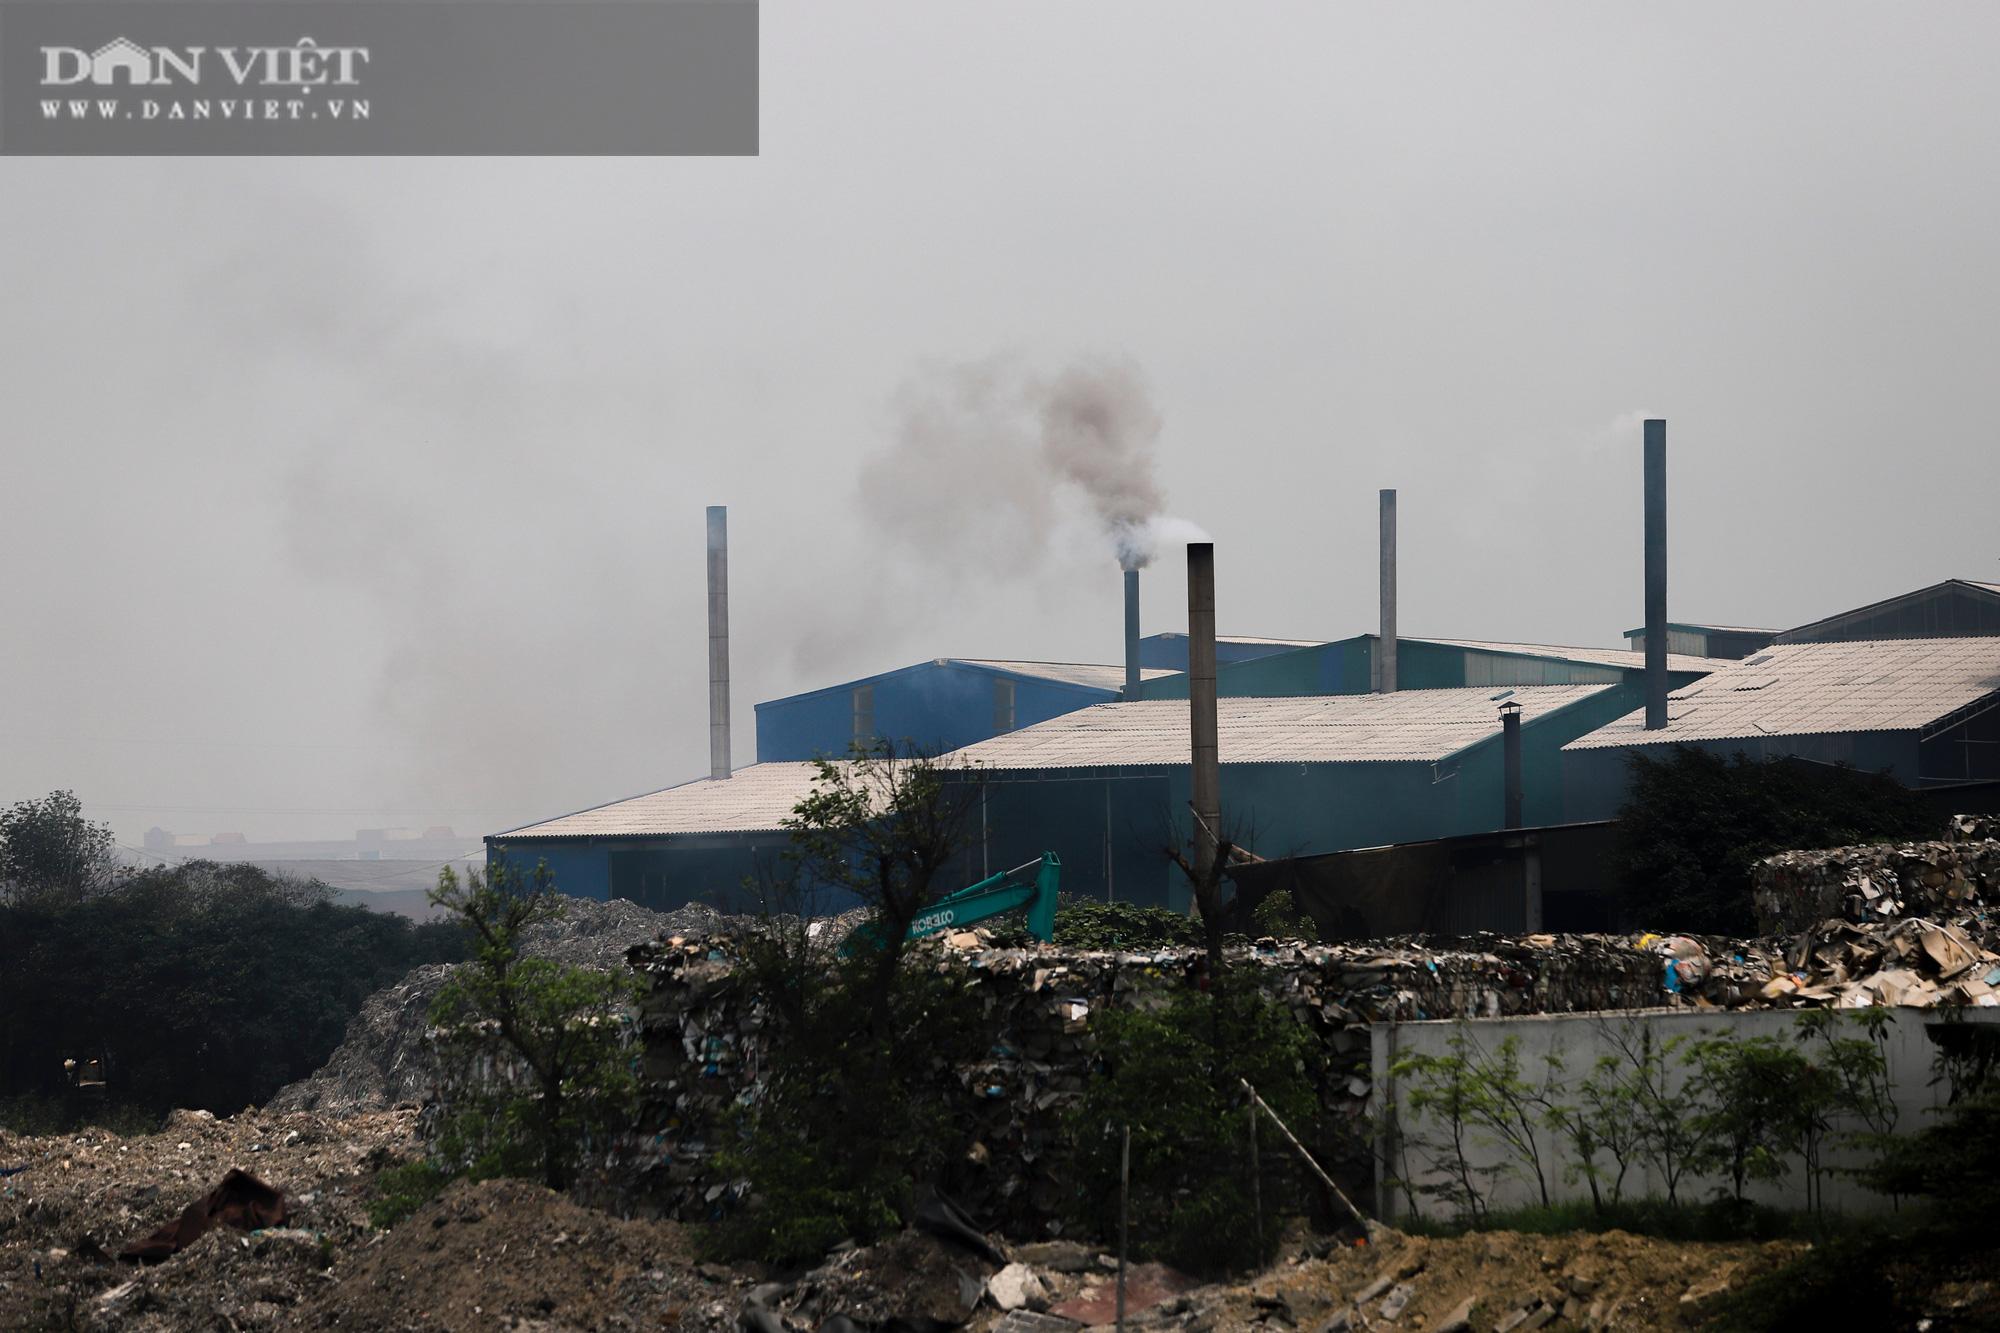 Ám ảnh khủng khiếp ở làng giấy Phú Lâm: Ô nhiễm đến con ruồi cũng không sống nổi, công nhân bán mòn sức - Ảnh 3.